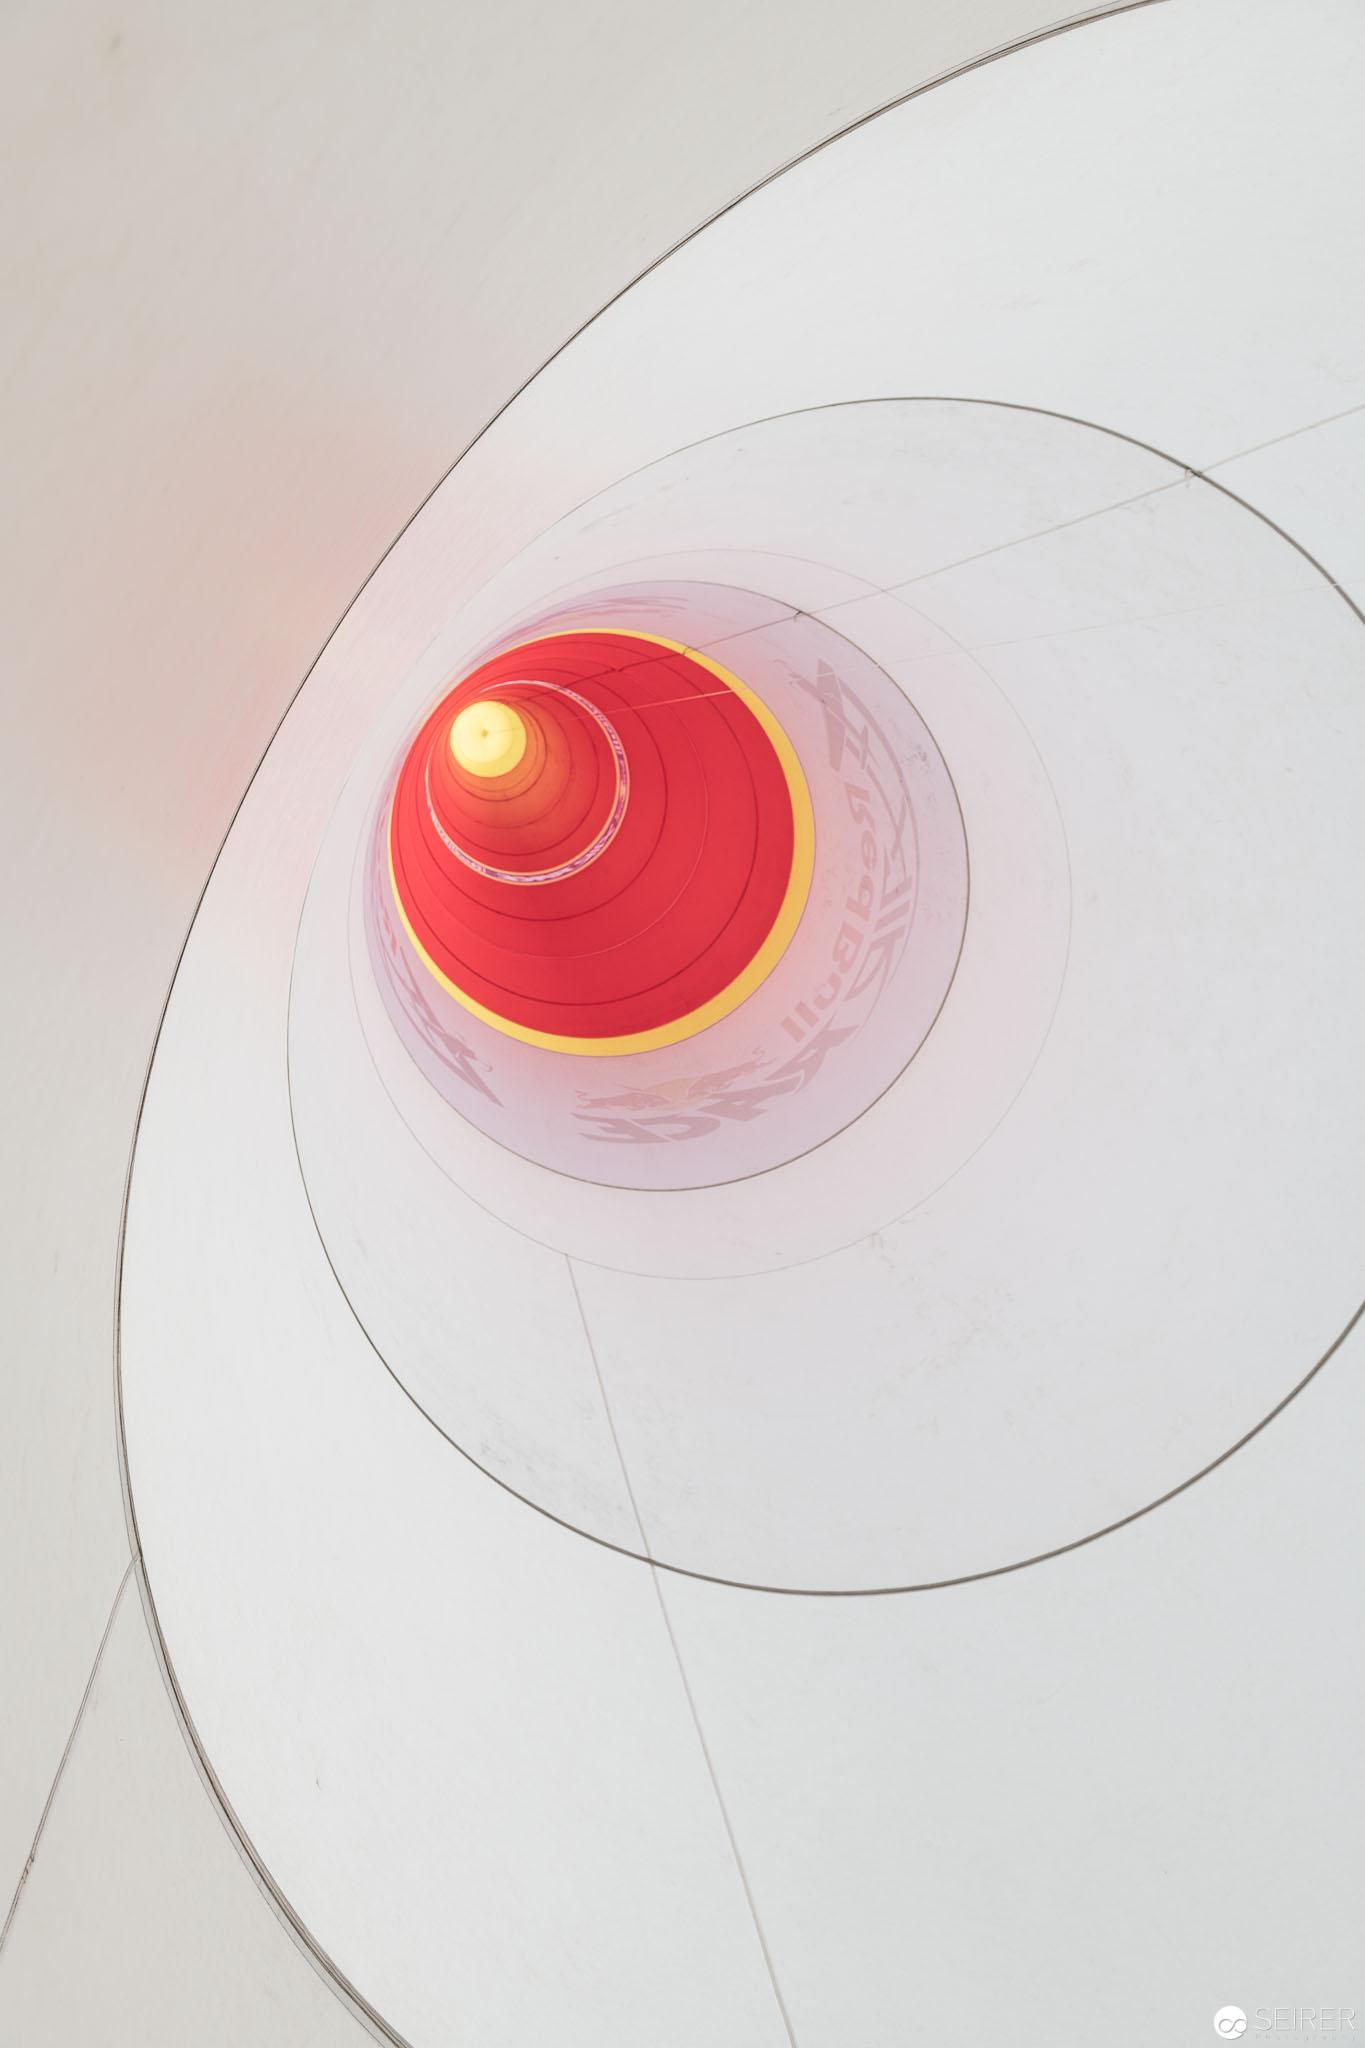 Pylone von innen, Red Bull Air Race 2018 Wiener Neustadt